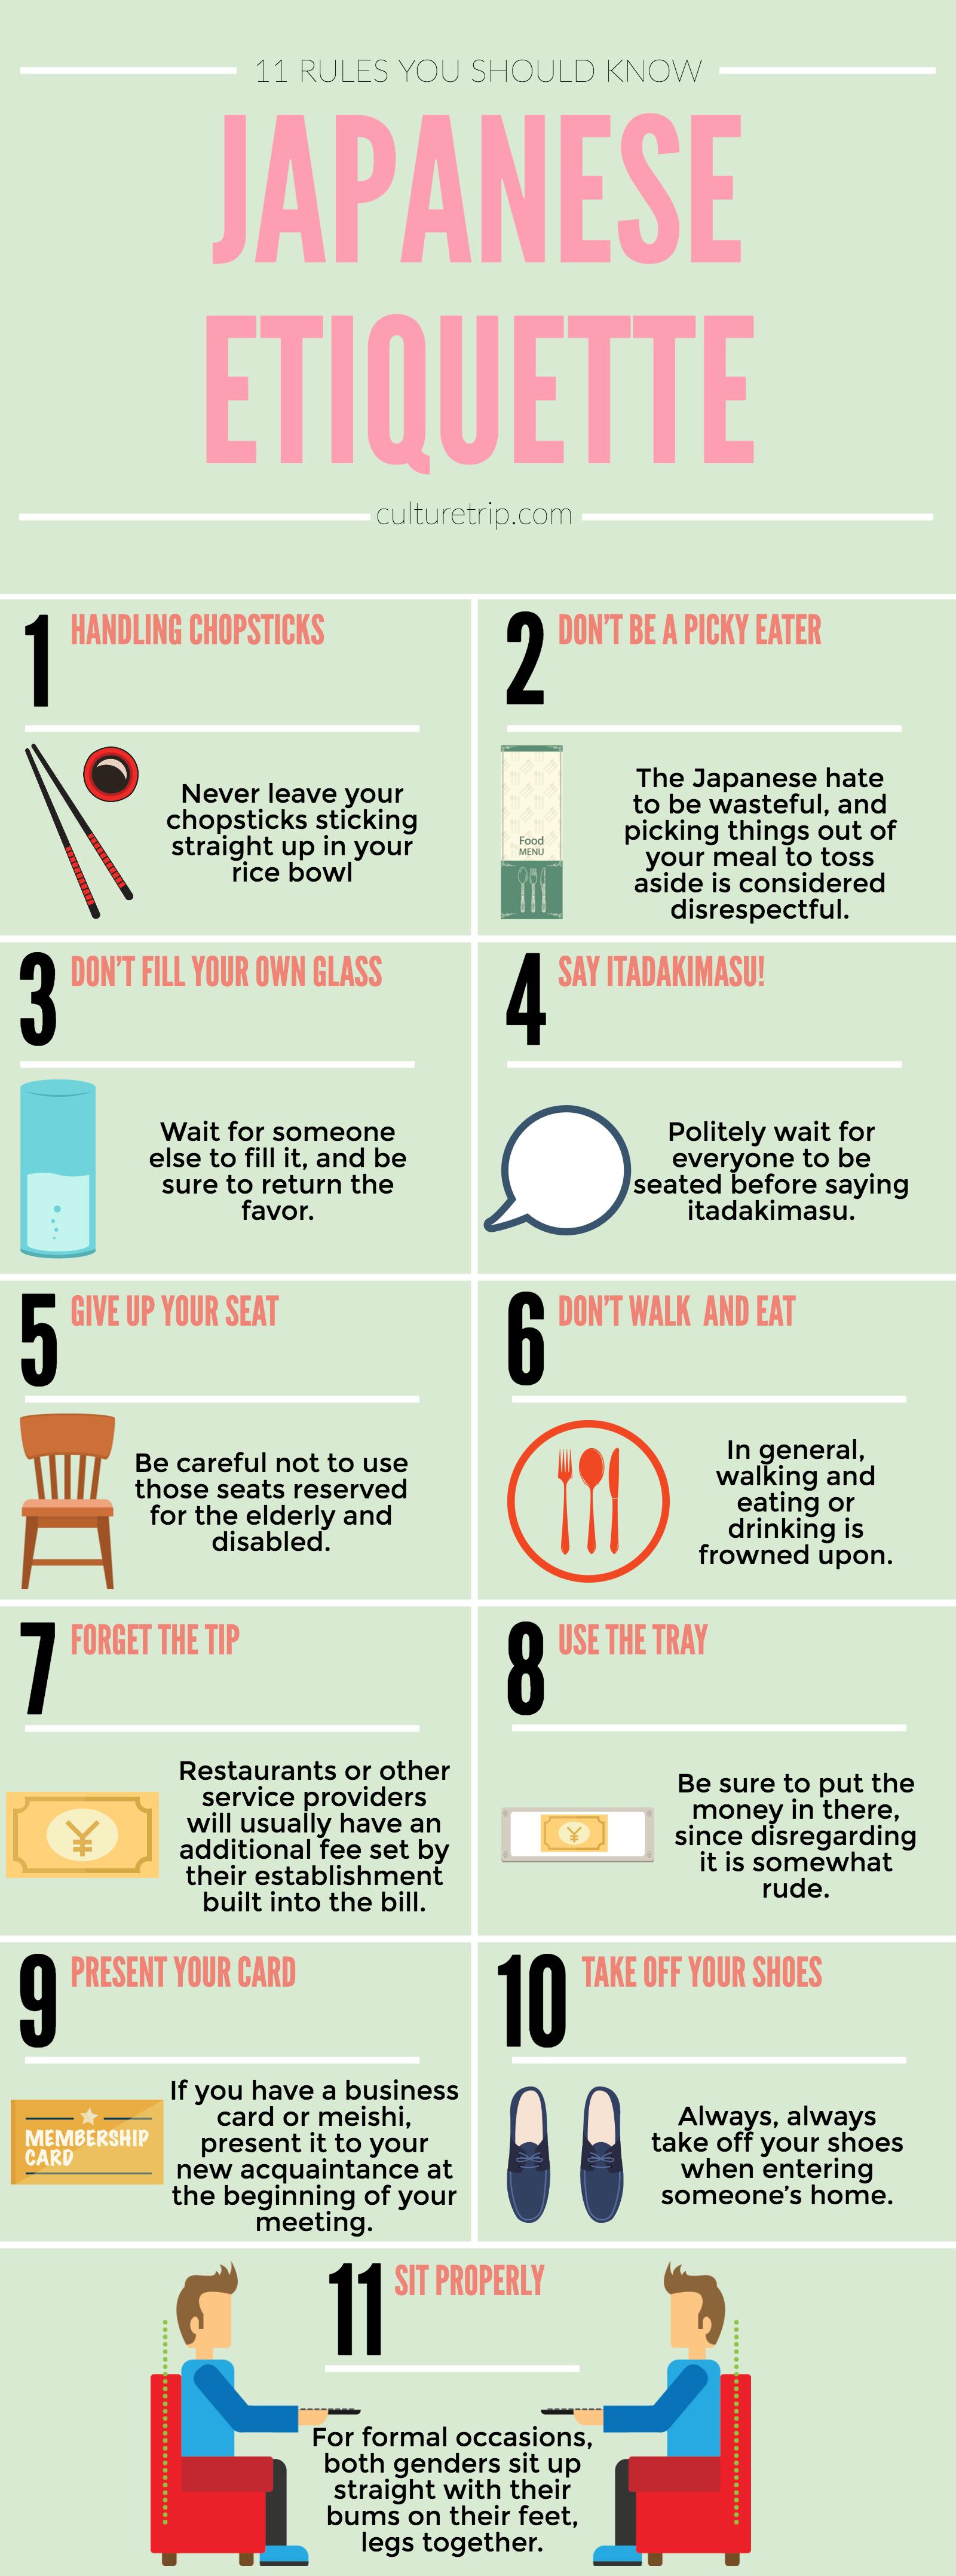 Etiquette Tips For Visiting Japan En